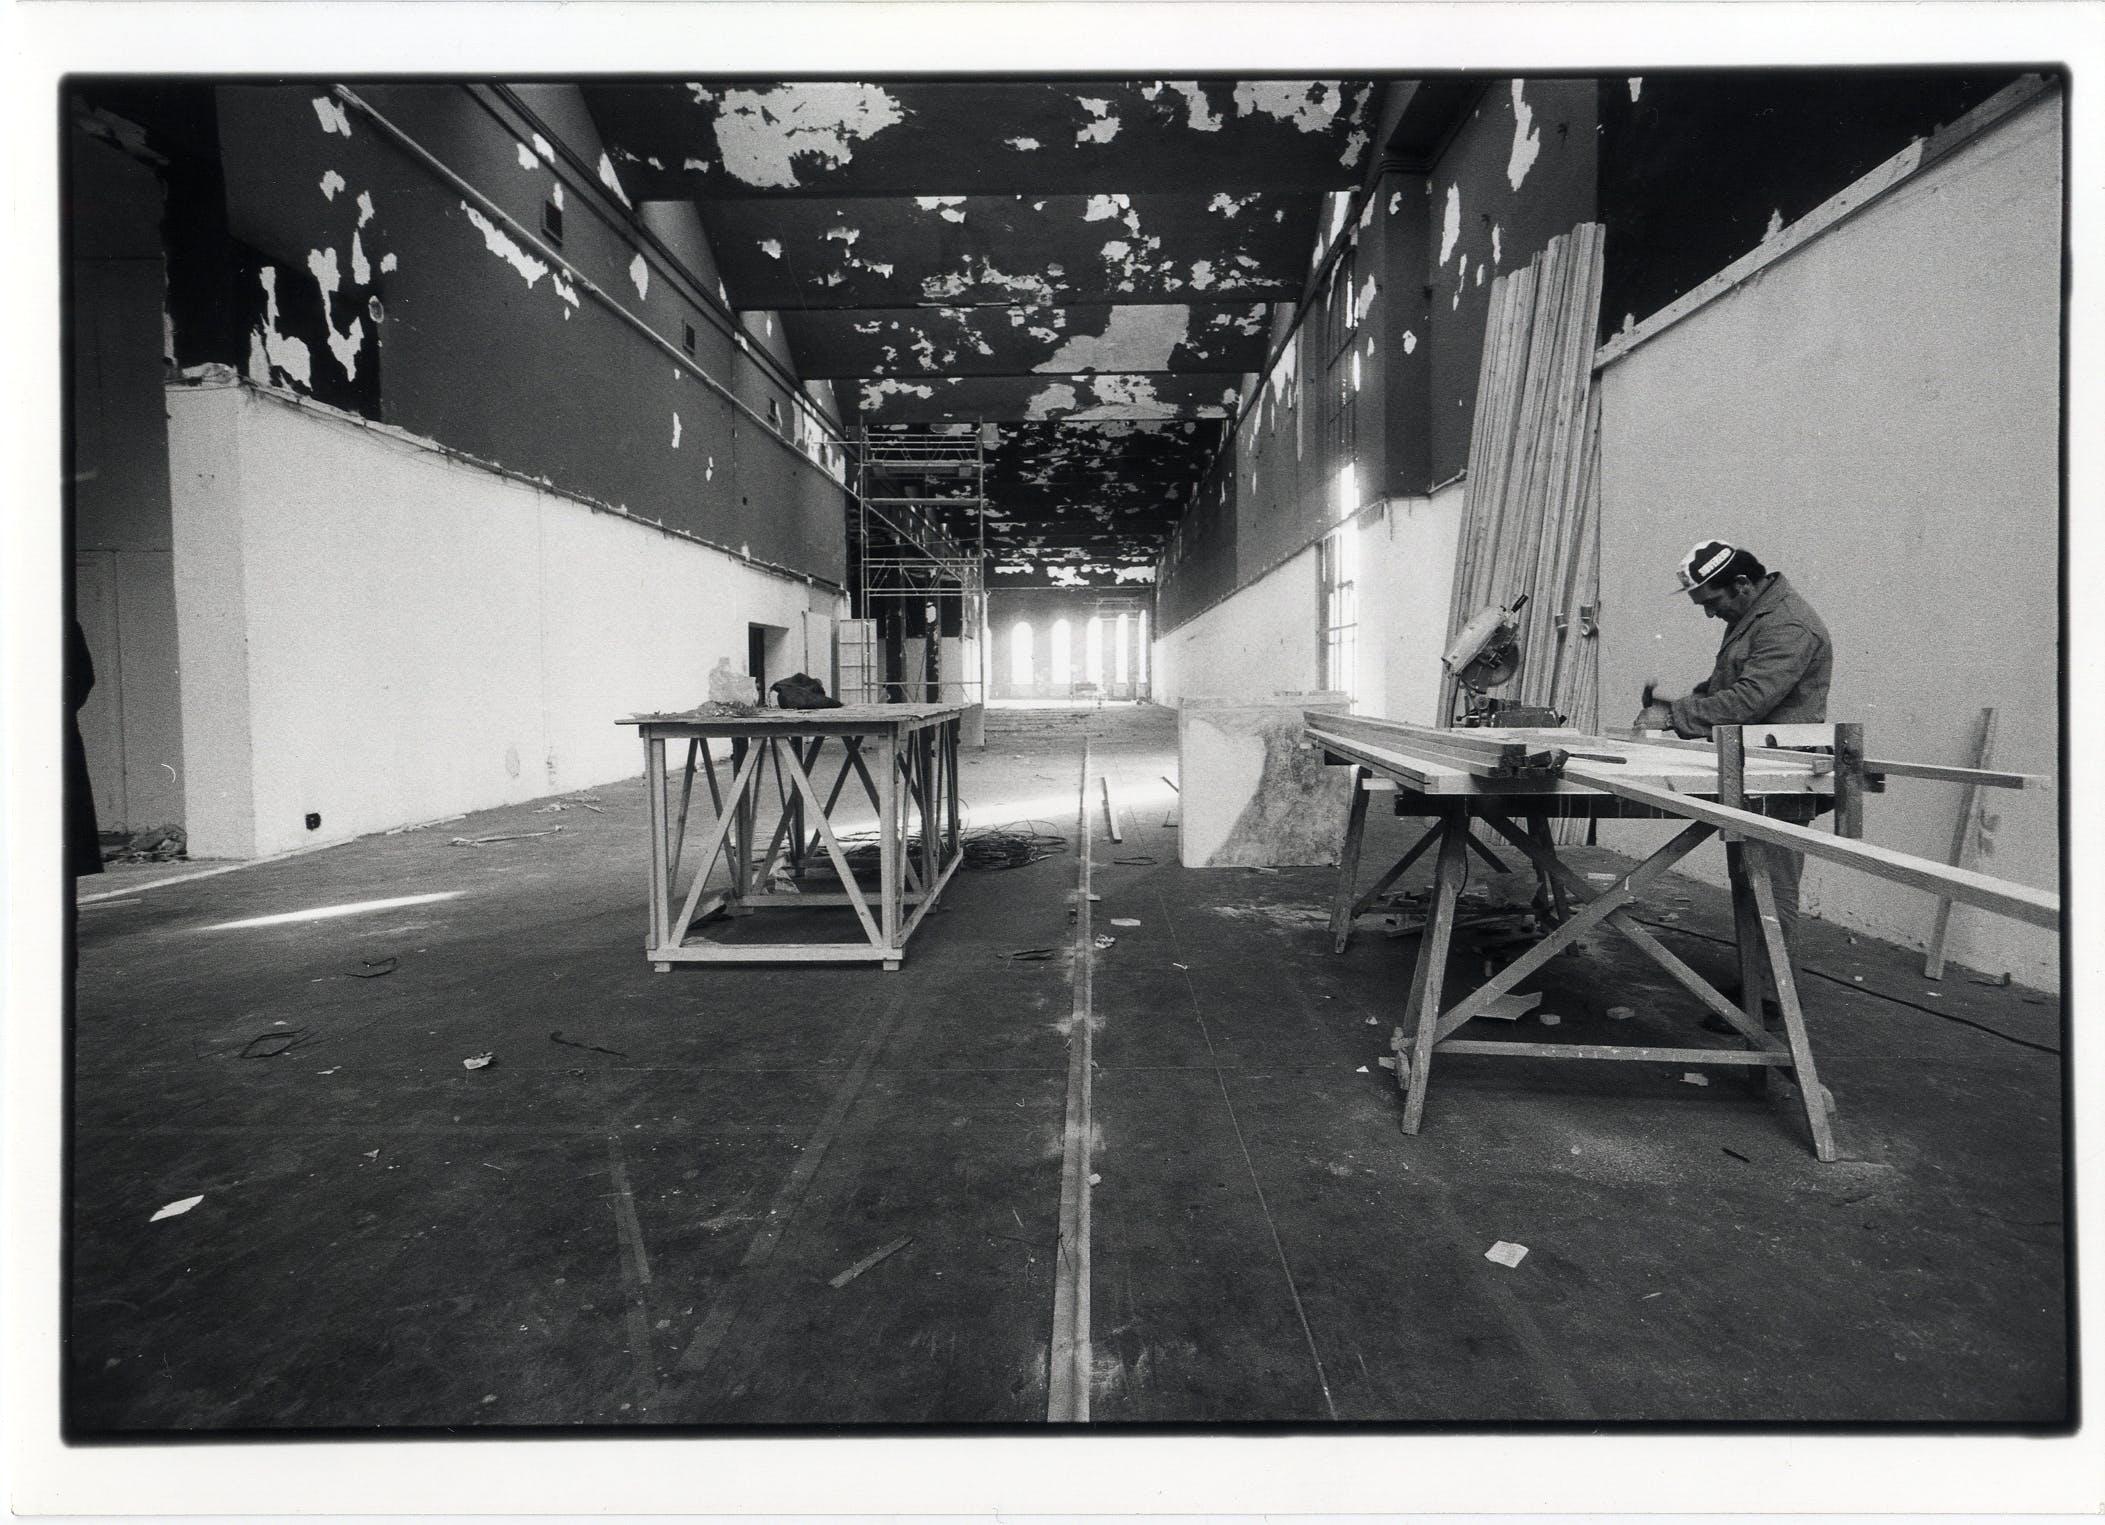 Lavori di allestimento nel Palazzo dell'arte in vista dell'apertura della XVI Triennale, 1979, foto di Luciana Mulas © Triennale Milano – Archivi